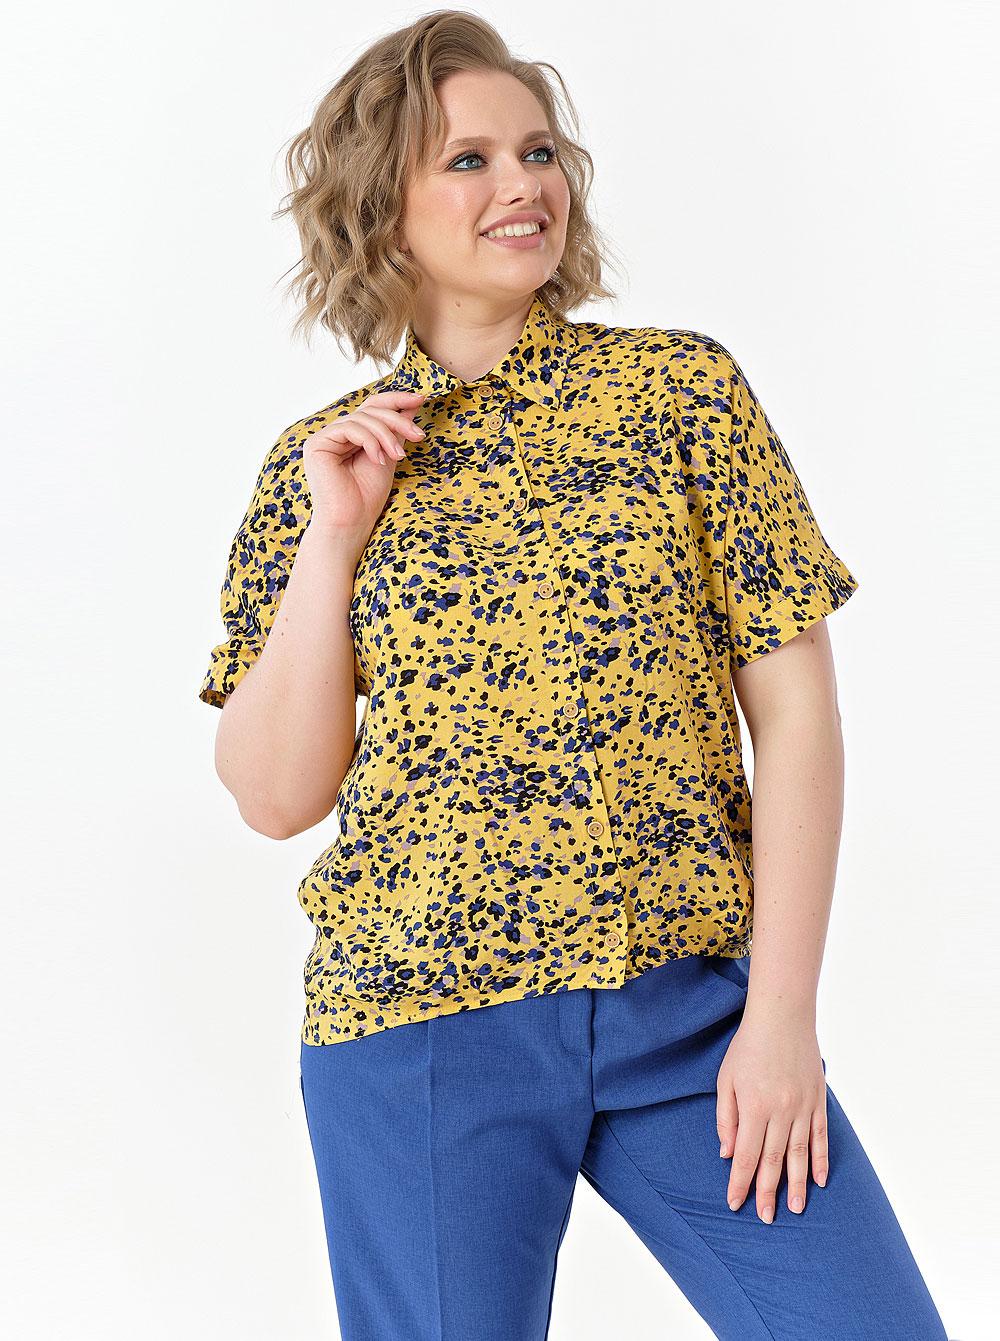 Купить Блуза 808-561 Diana , цвет: Жёлтый с доставкой в интернет-магазине Эгерия